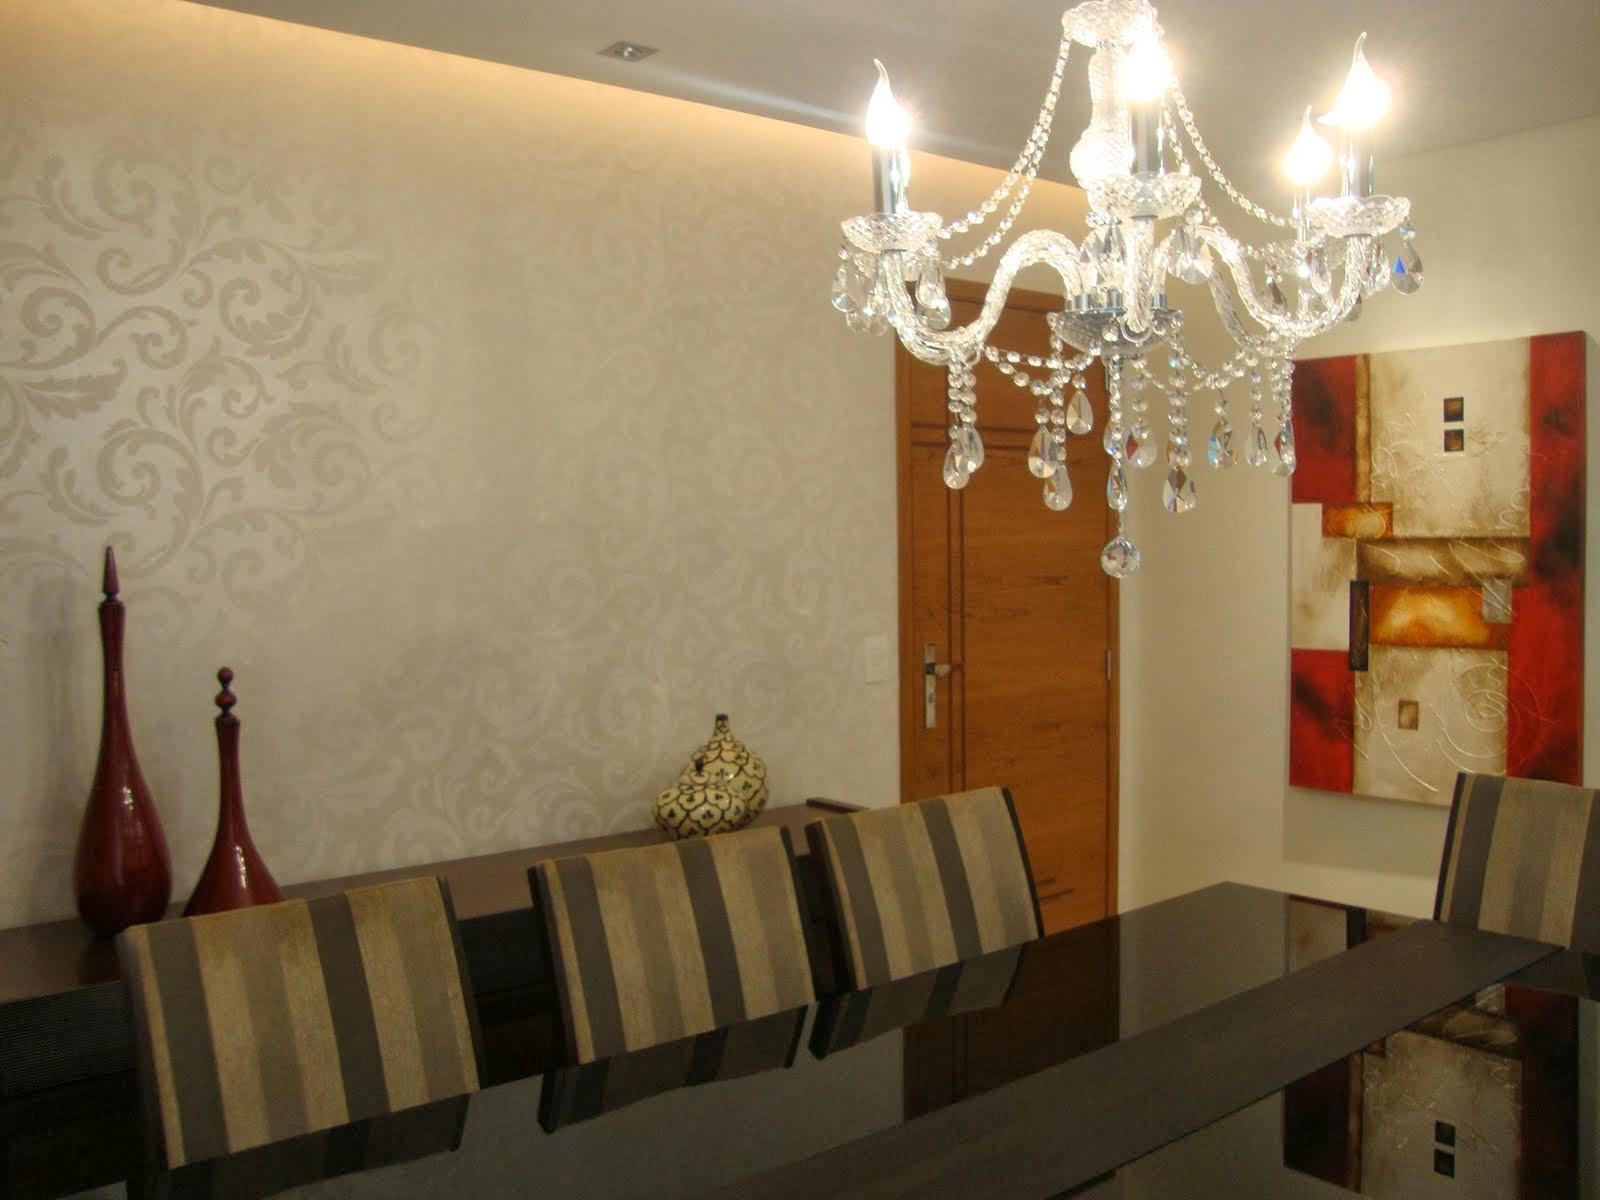 Lustres para sala de jantar http://www.cantinhojutavares.com